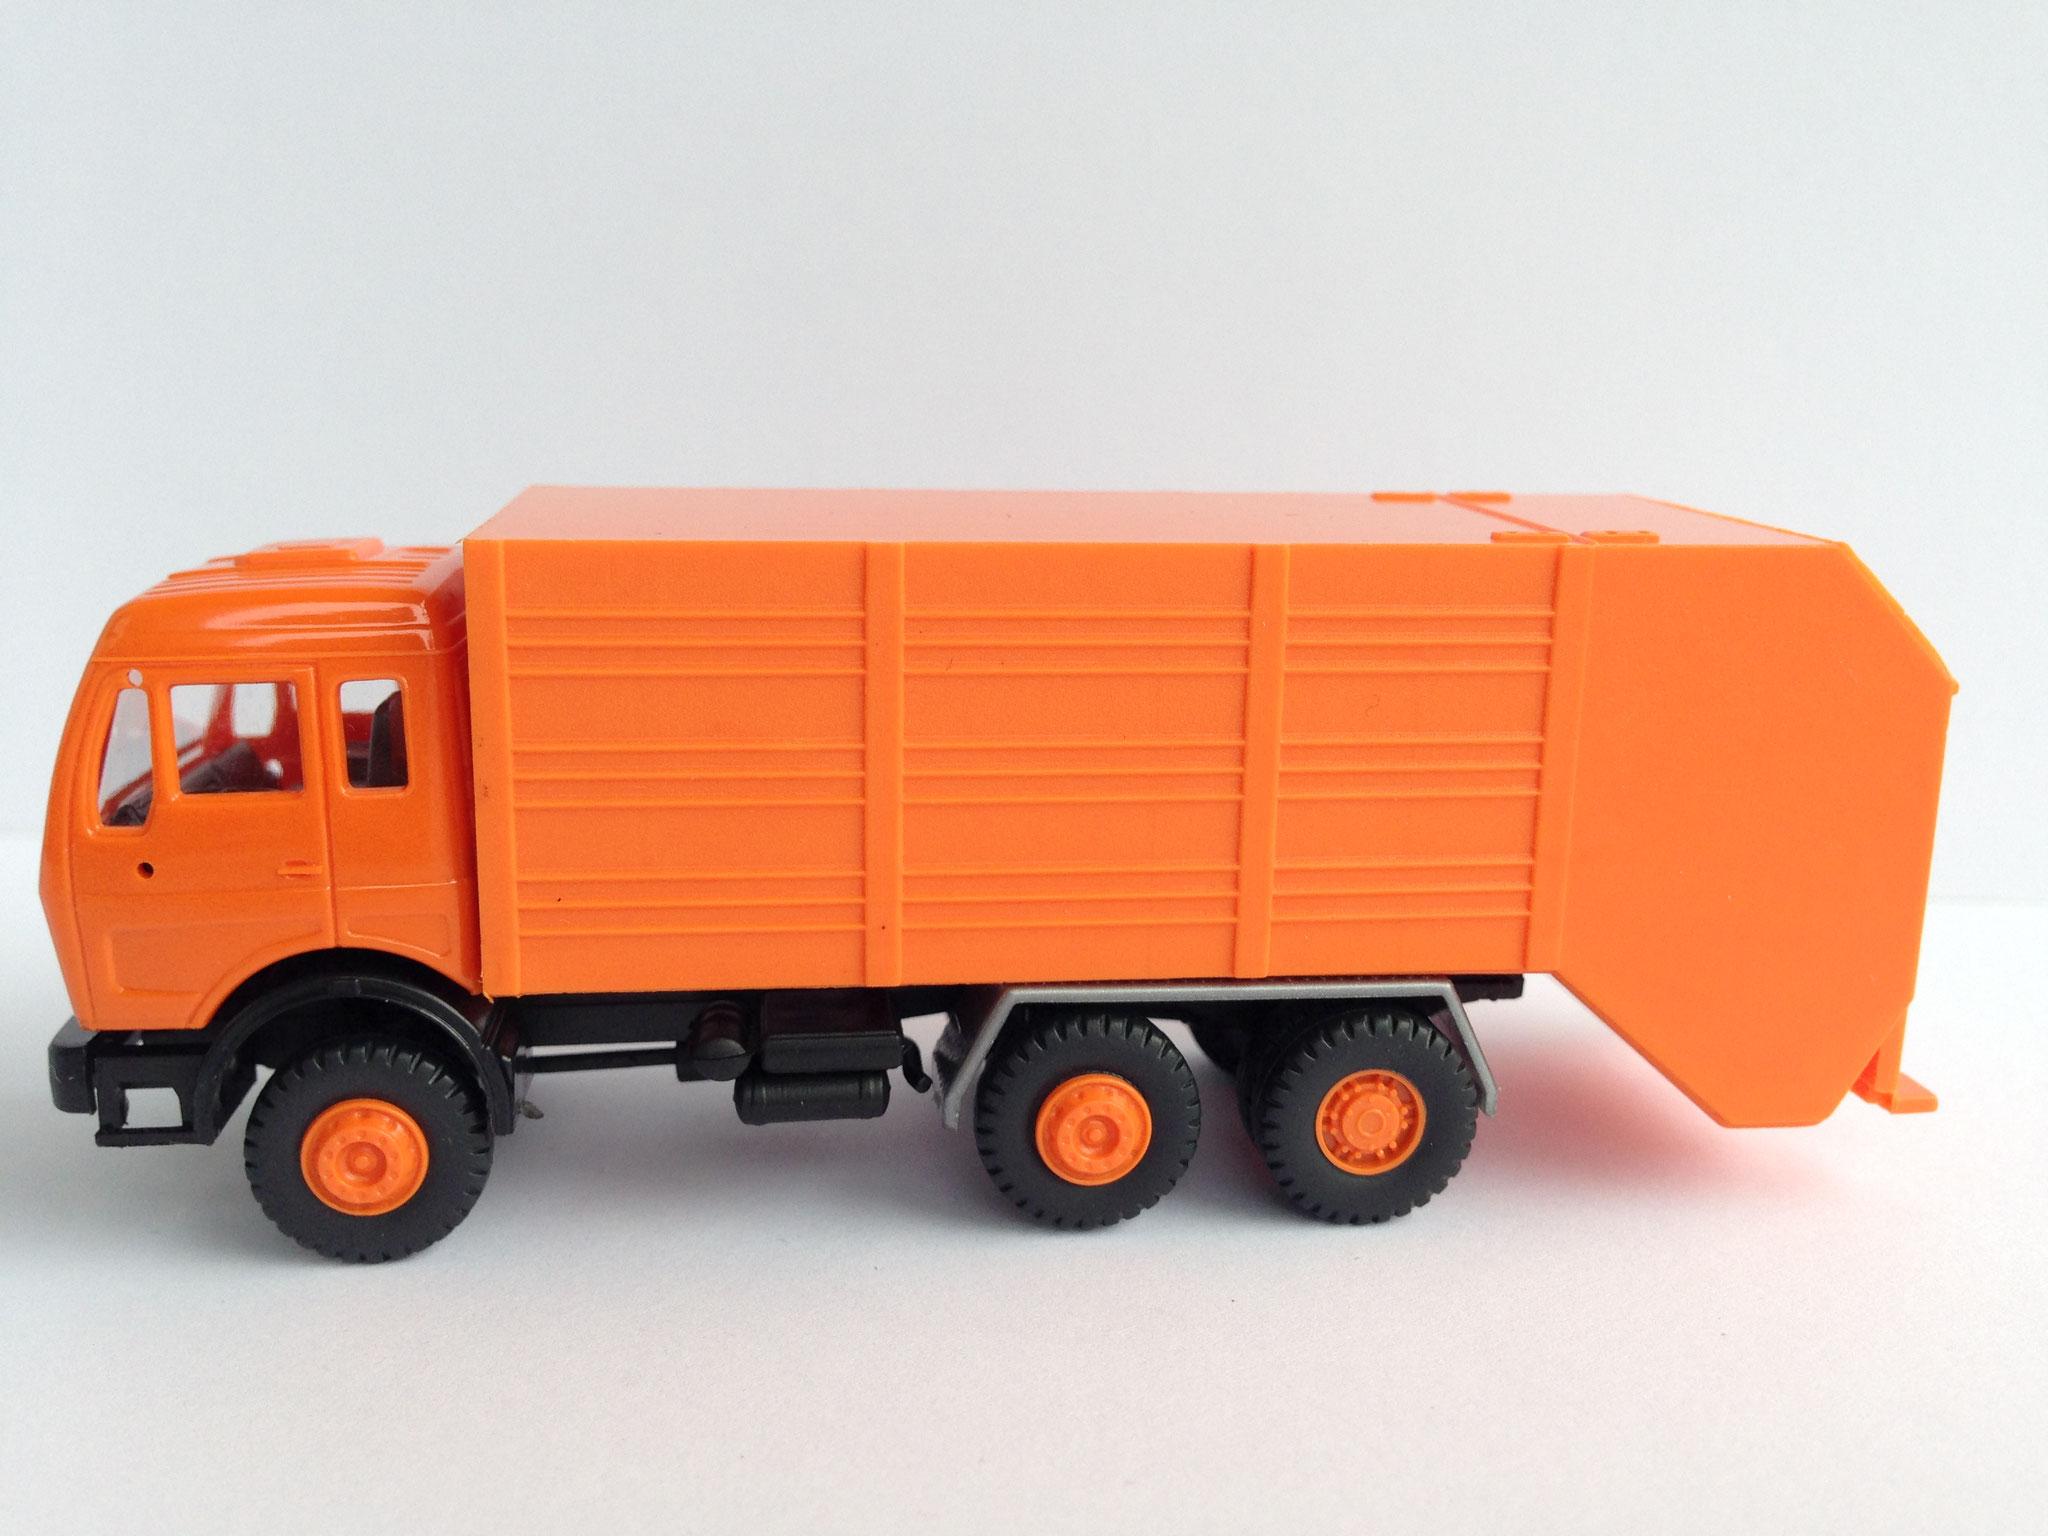 3-Achs-Kehrrichtwagen mit Moser-Aufbau, Art. Nr. 443 (ab 1985 im Programm)